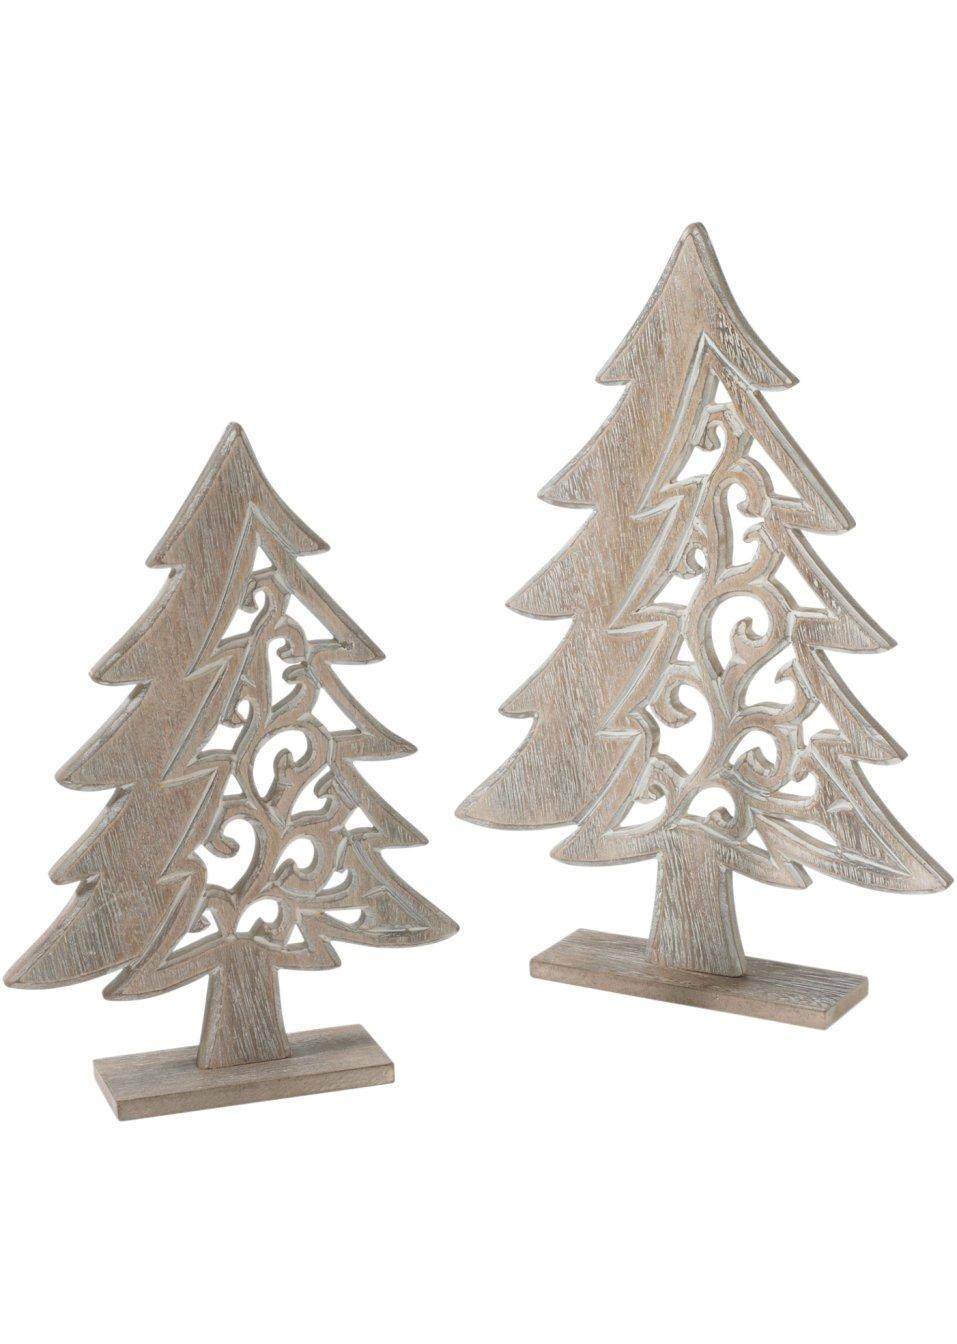 Holz Tannenbaum Groß.Weihnachtsdeko Tannenbaum Aus Holz 2 Tlg Set